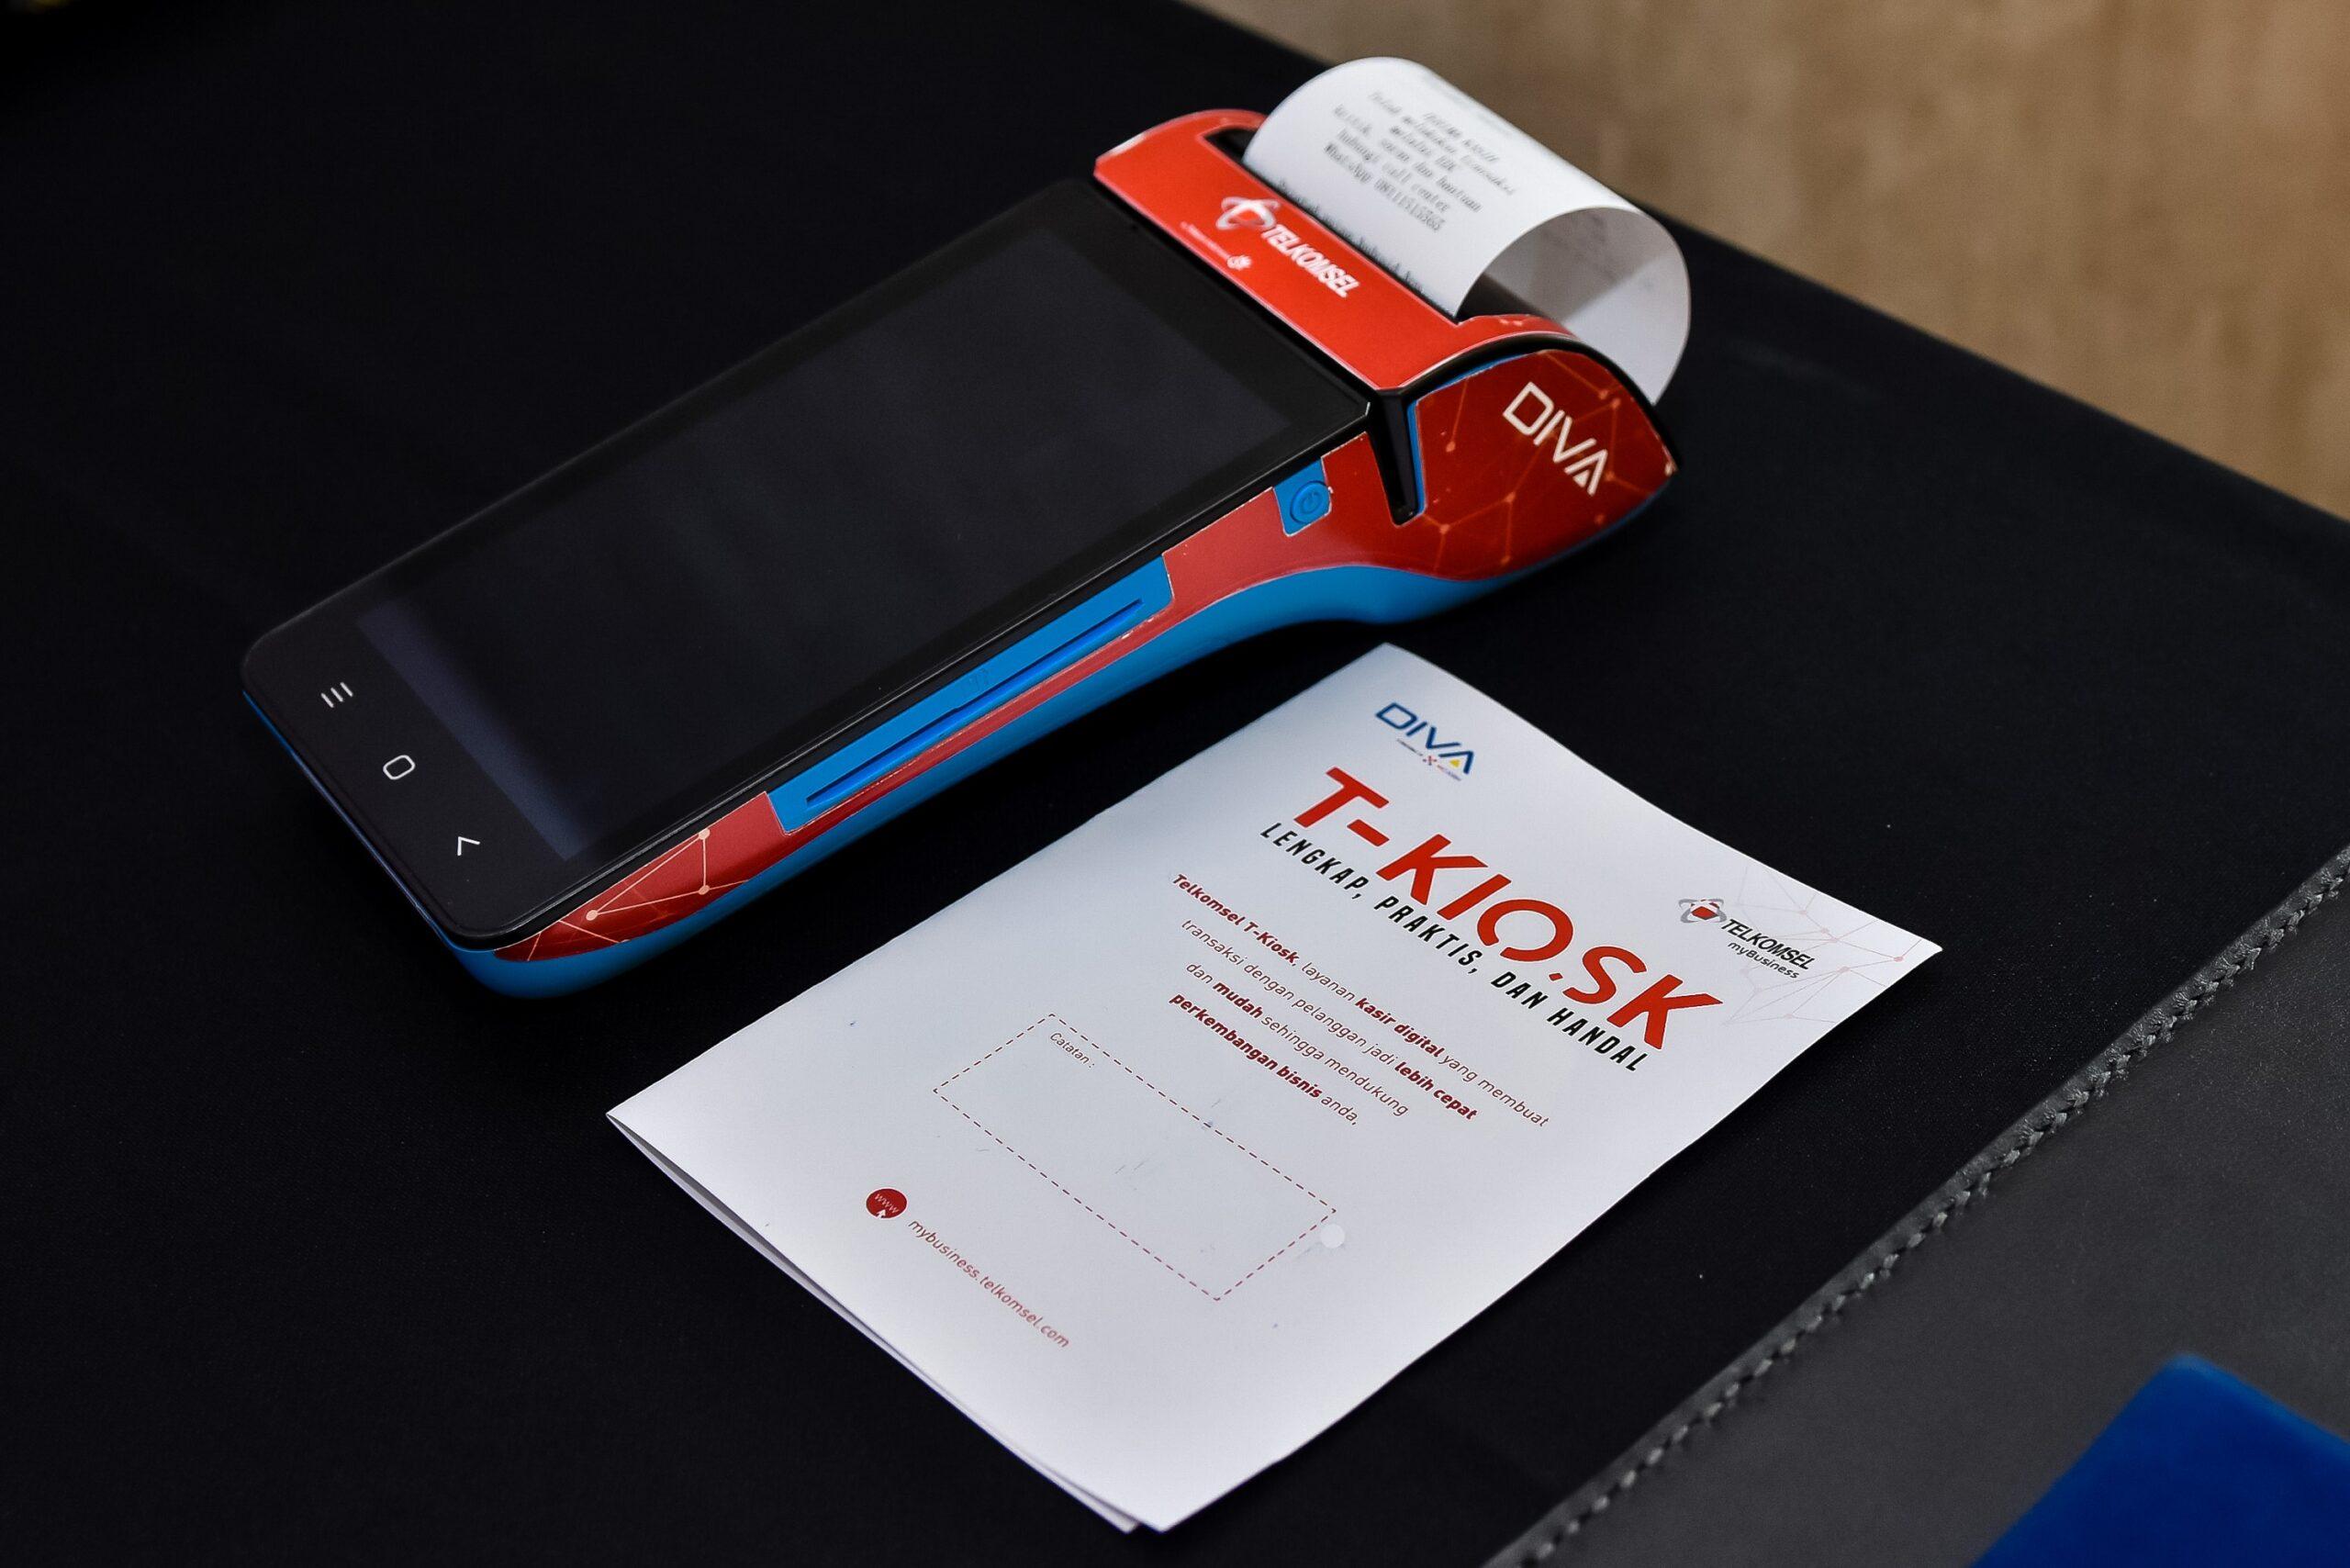 Aplikasi T-Kiosk_3: Untuk proses pembayaran selain dapat menggunakan digital payment dari Telkomsel yaitu TCASH, T-Kiosk ini juga dilengkapi dengan fasilitas pembayaran non tunai baik untuk Debit Card maupun Credit Card, Contactless Card untuk kartu e-money, QR Payment, serta dapat mengeluarkan struk sebagai bukti pembayaran atas transaksi. Oleh karena itu, T-Kiosk dapat menjadi solusi penjualan yang lengkap, praktis dan handal bagi pelanggan segmen SME.